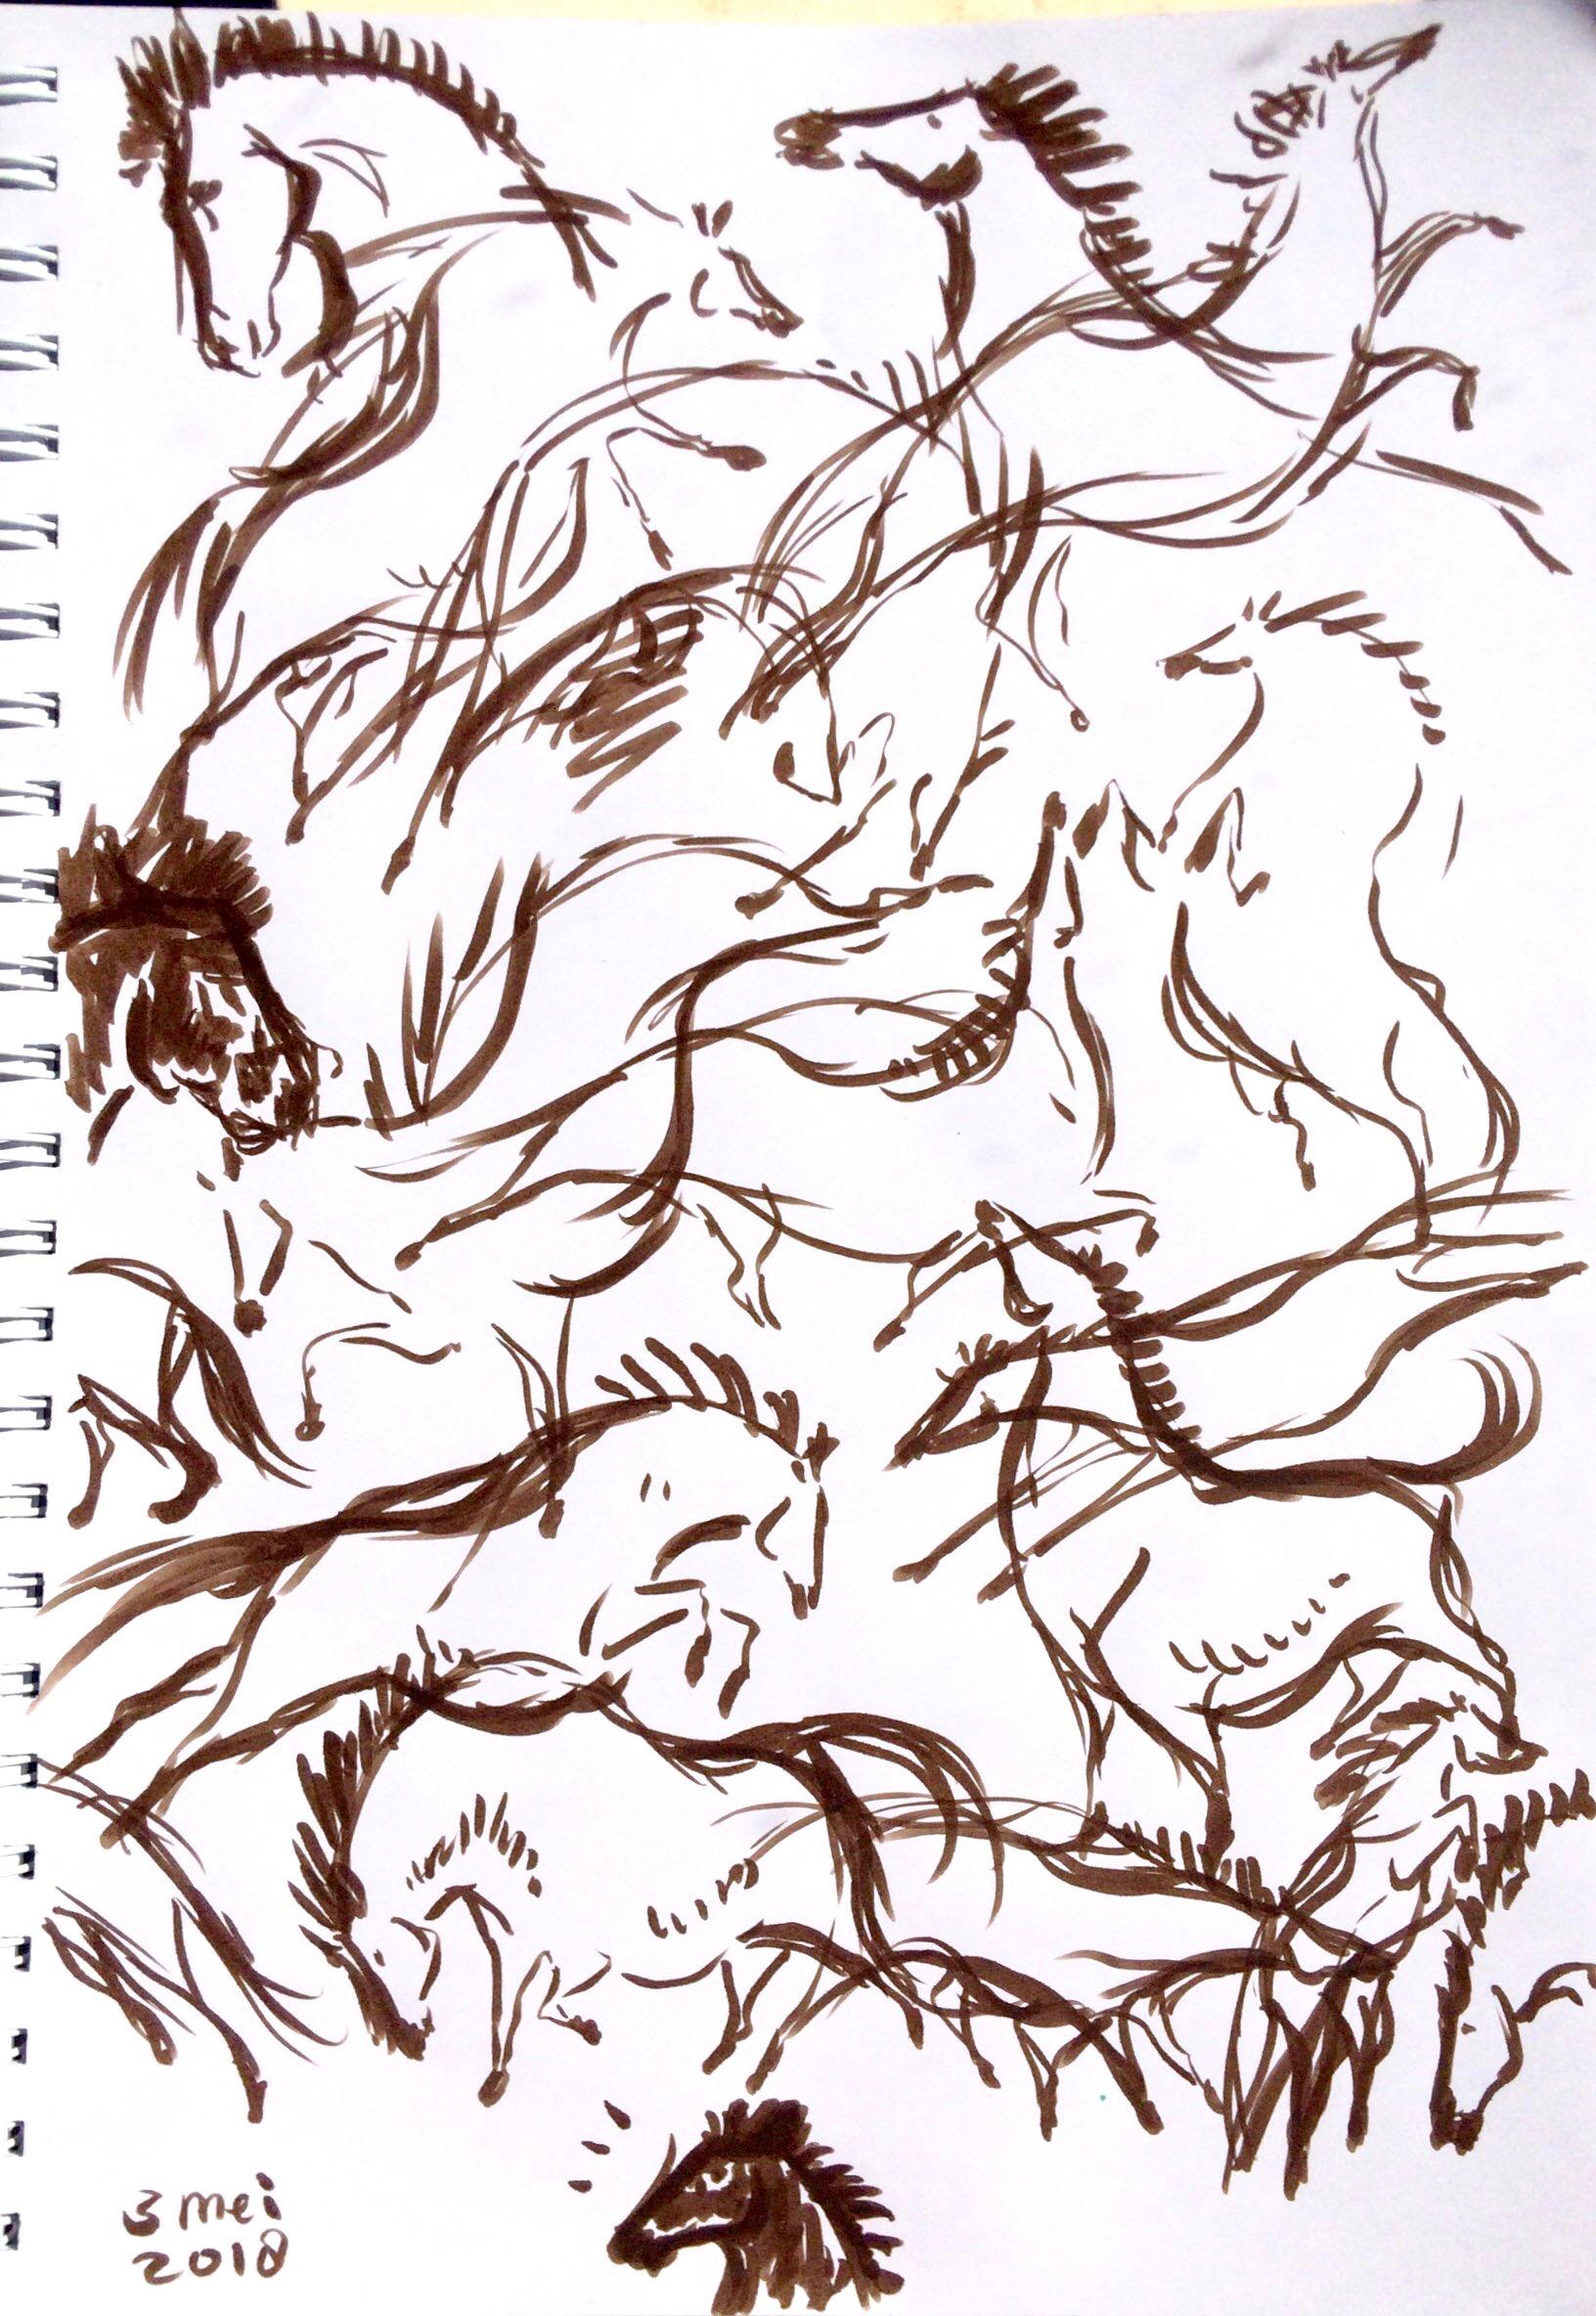 oerpaarden